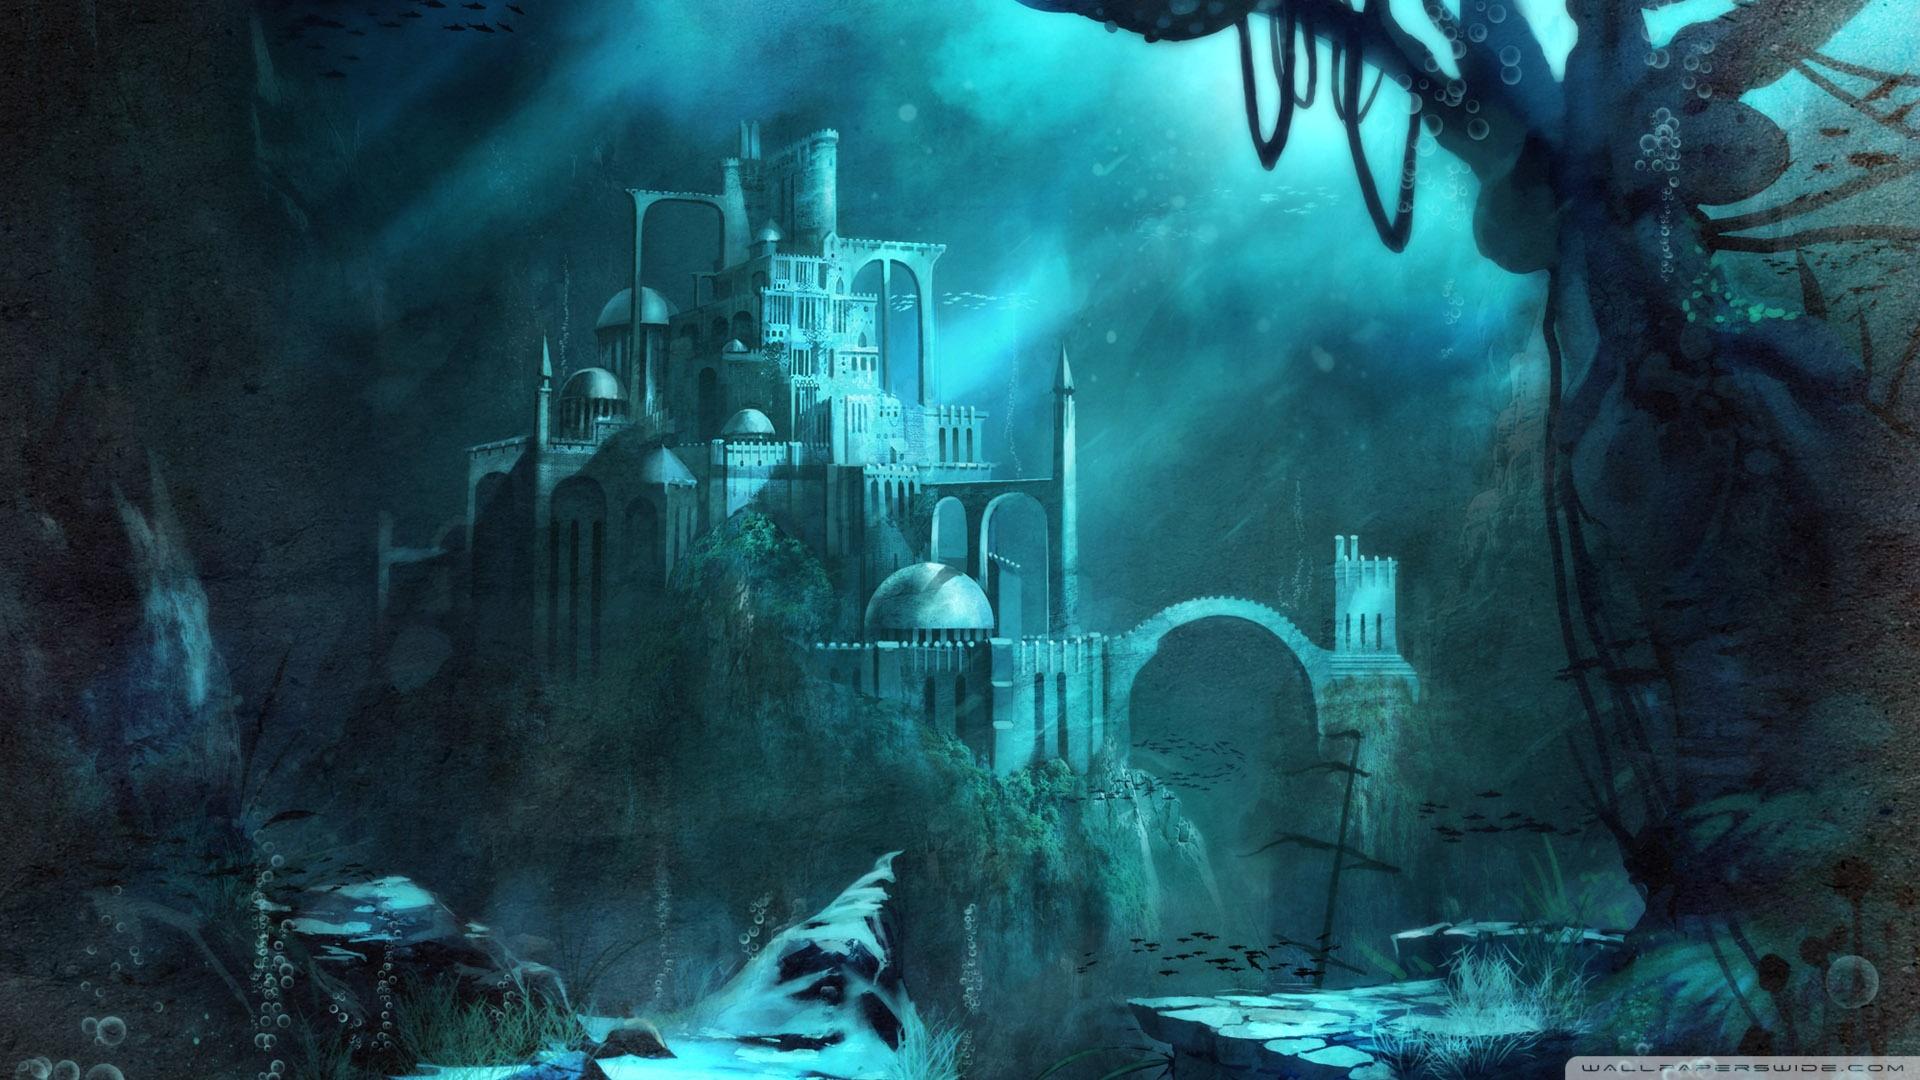 Trine 2 Underwater Castle 4K HD Desktop Wallpaper for 4K Ultra 1920x1080